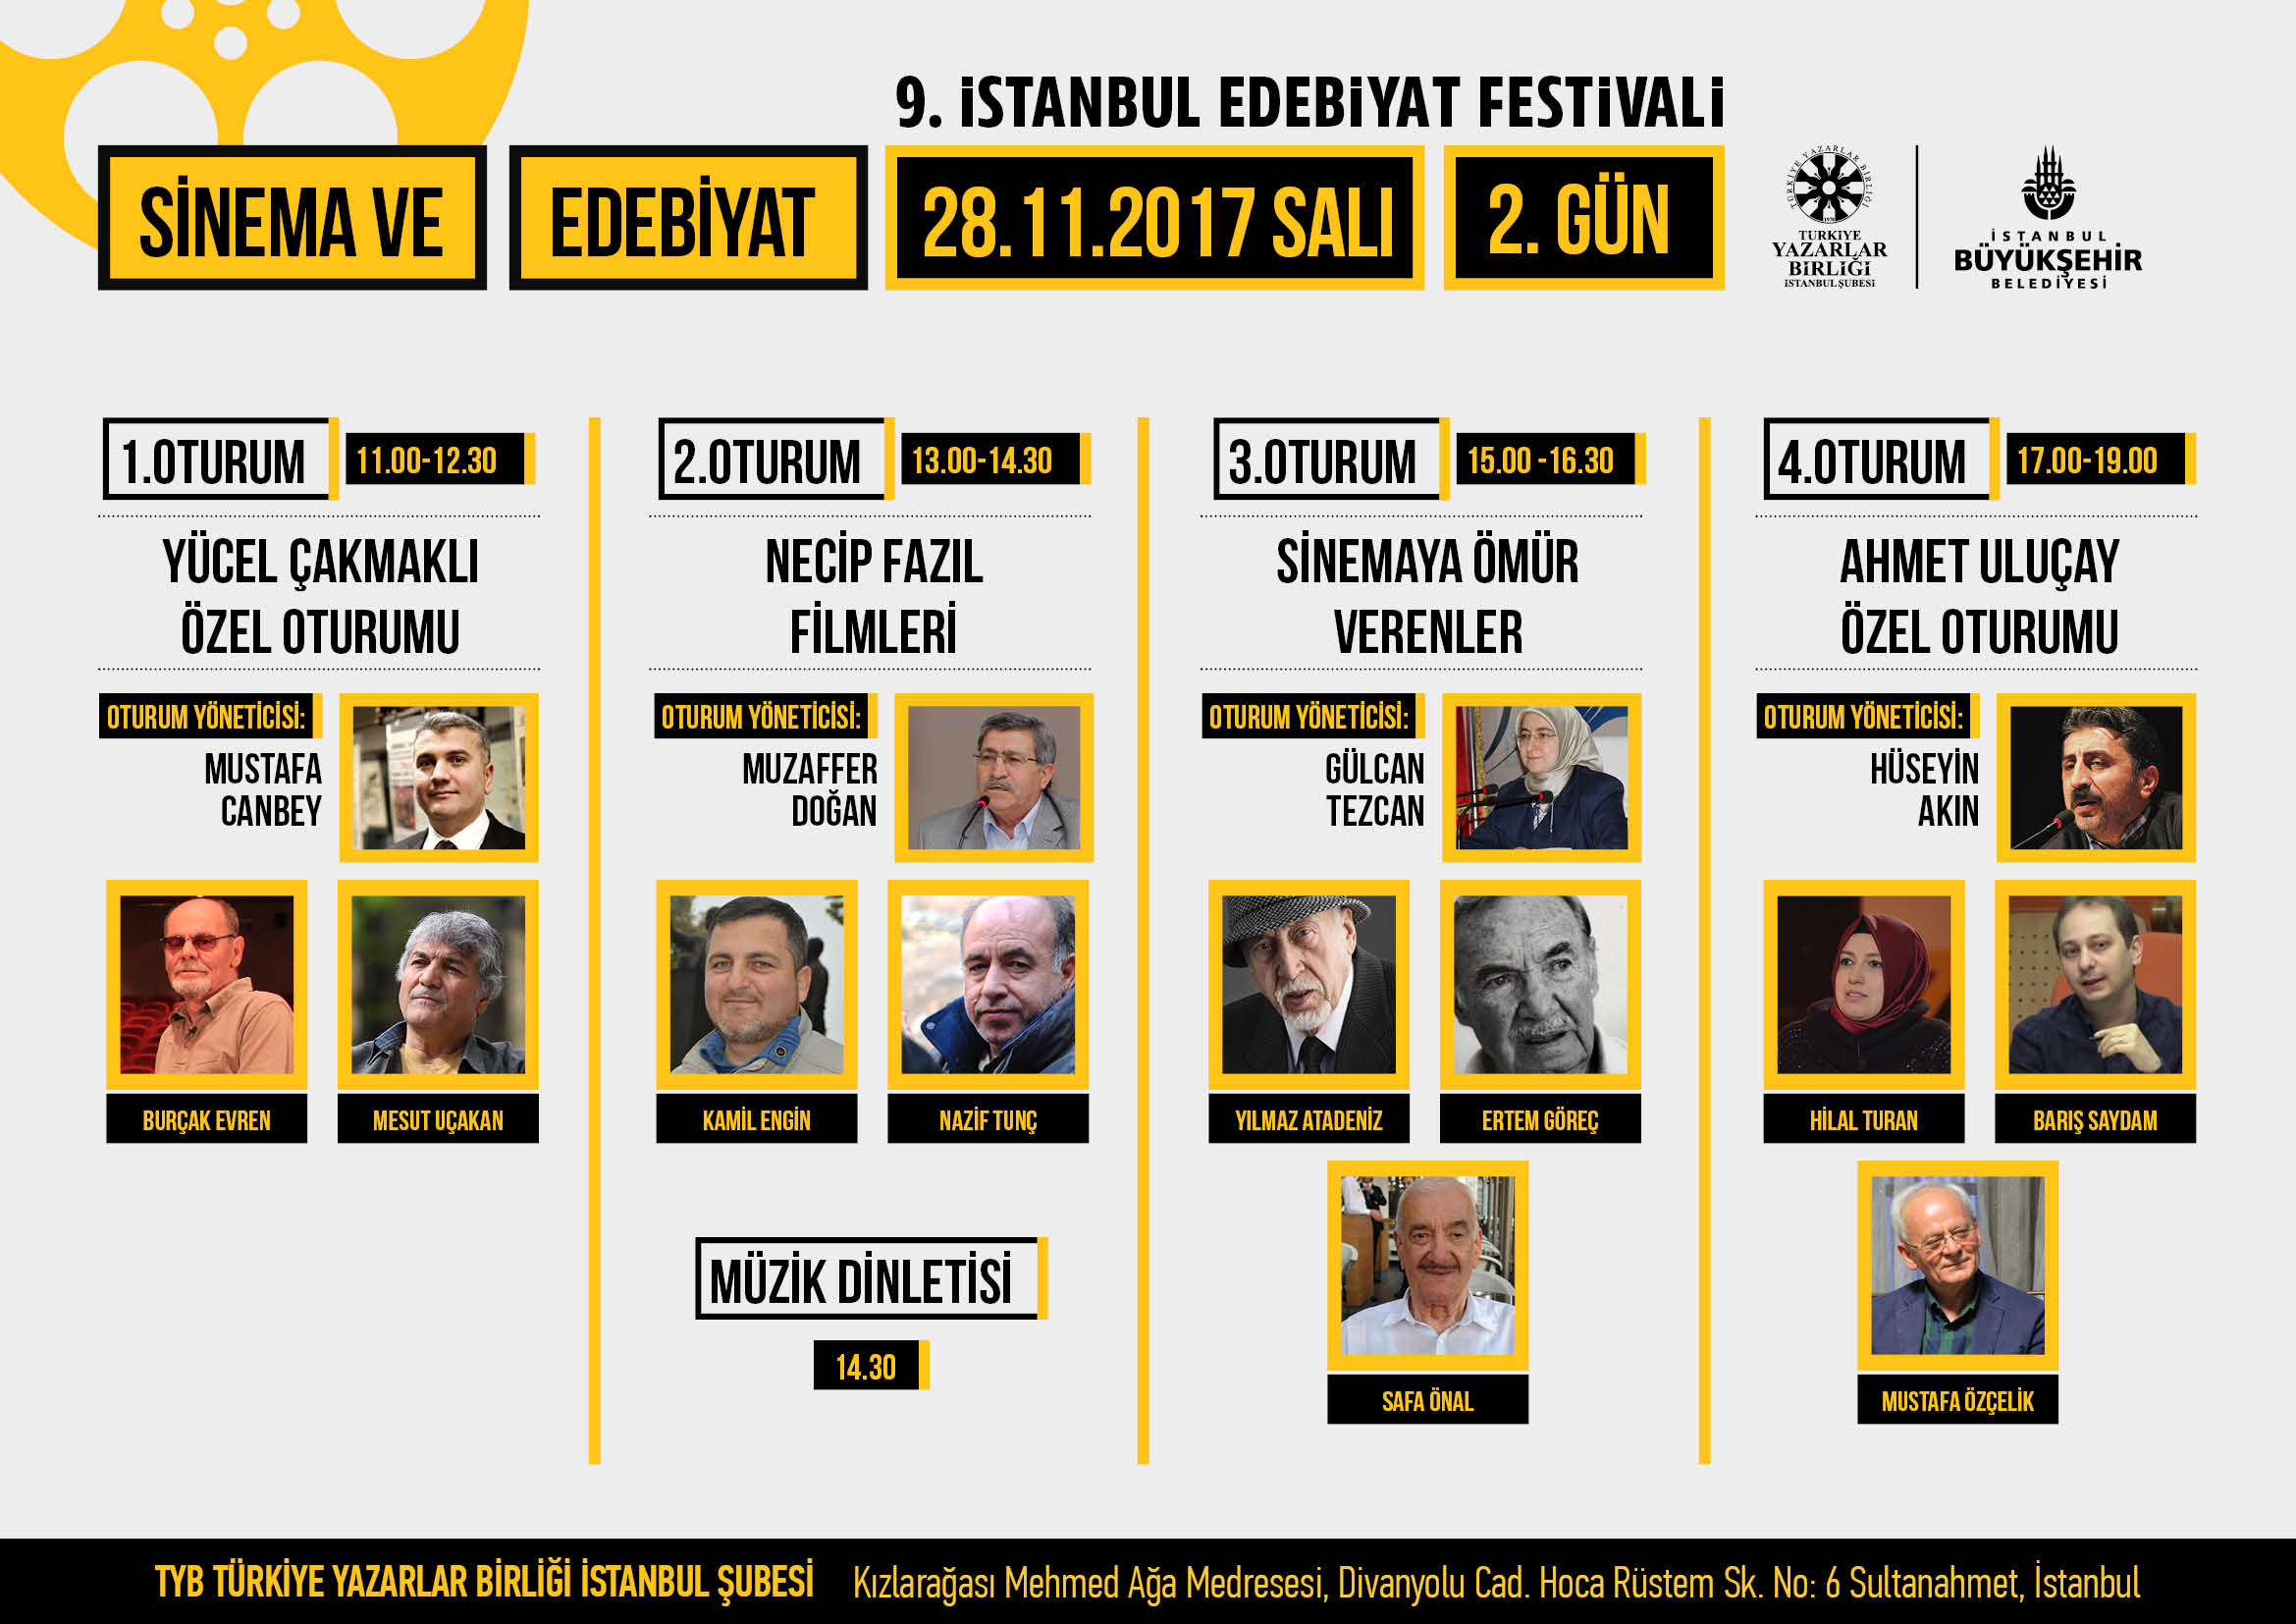 9. İstanbul Edebiyat Festivali'nin İkinci Günü Yine Dopdolu